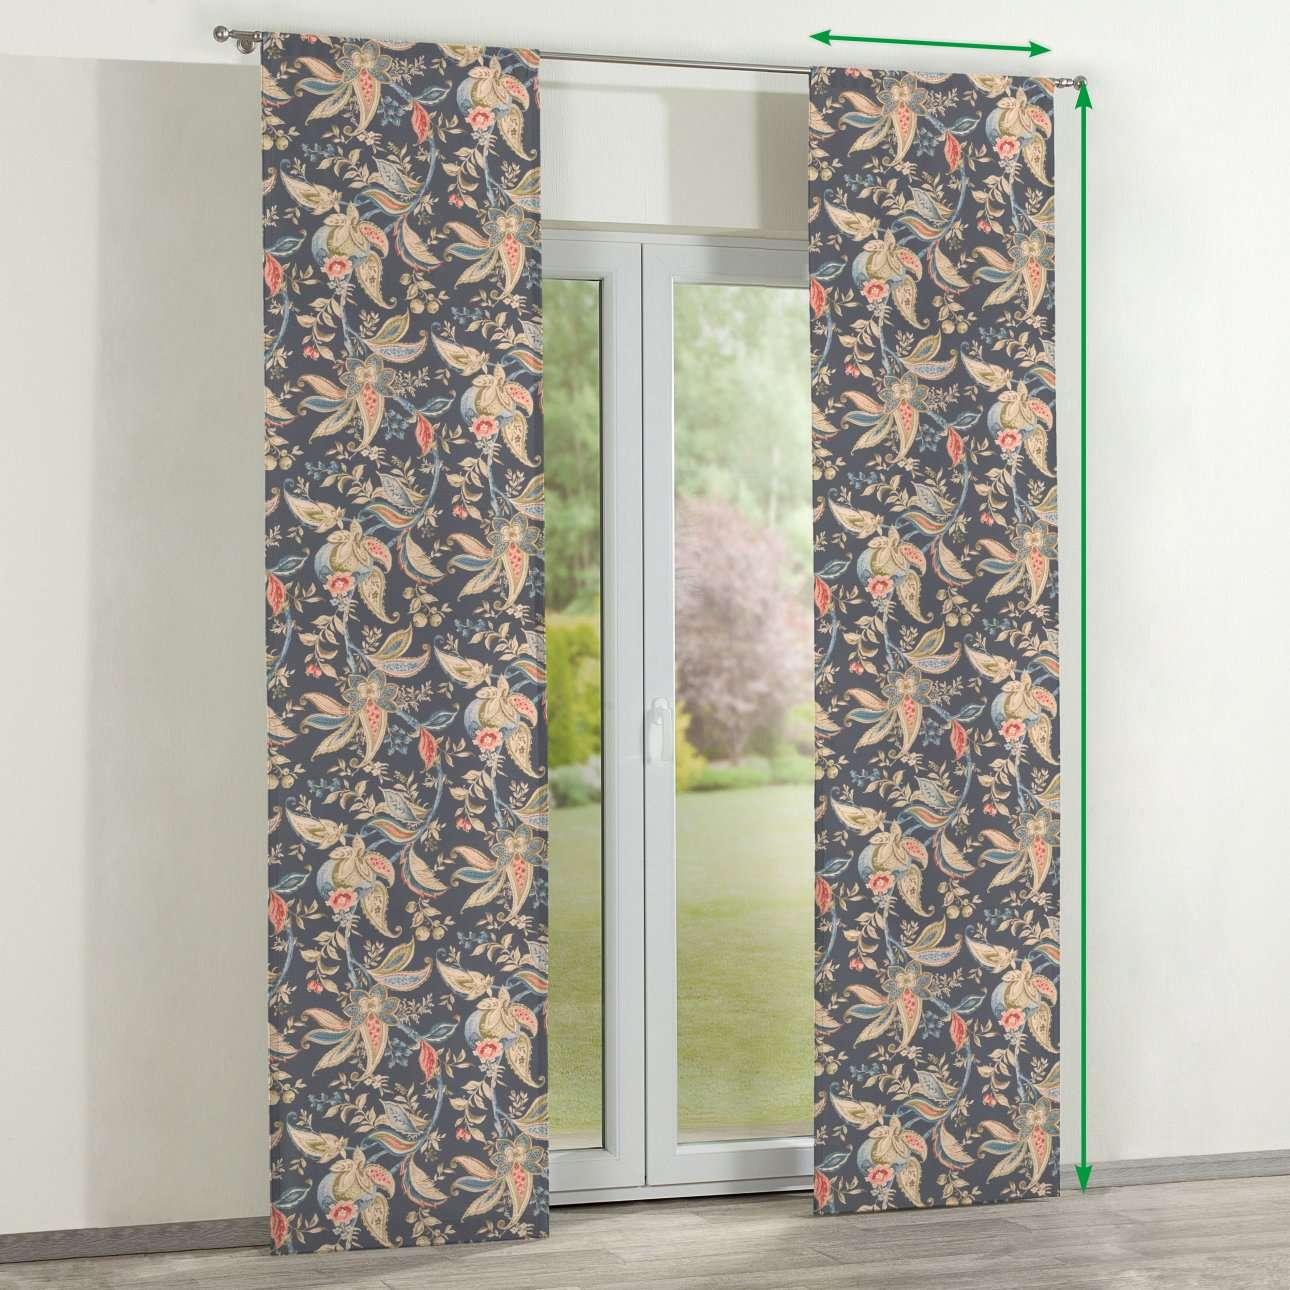 Panelové závesy 2 ks V kolekcii Gardenia, tkanina: 142-19